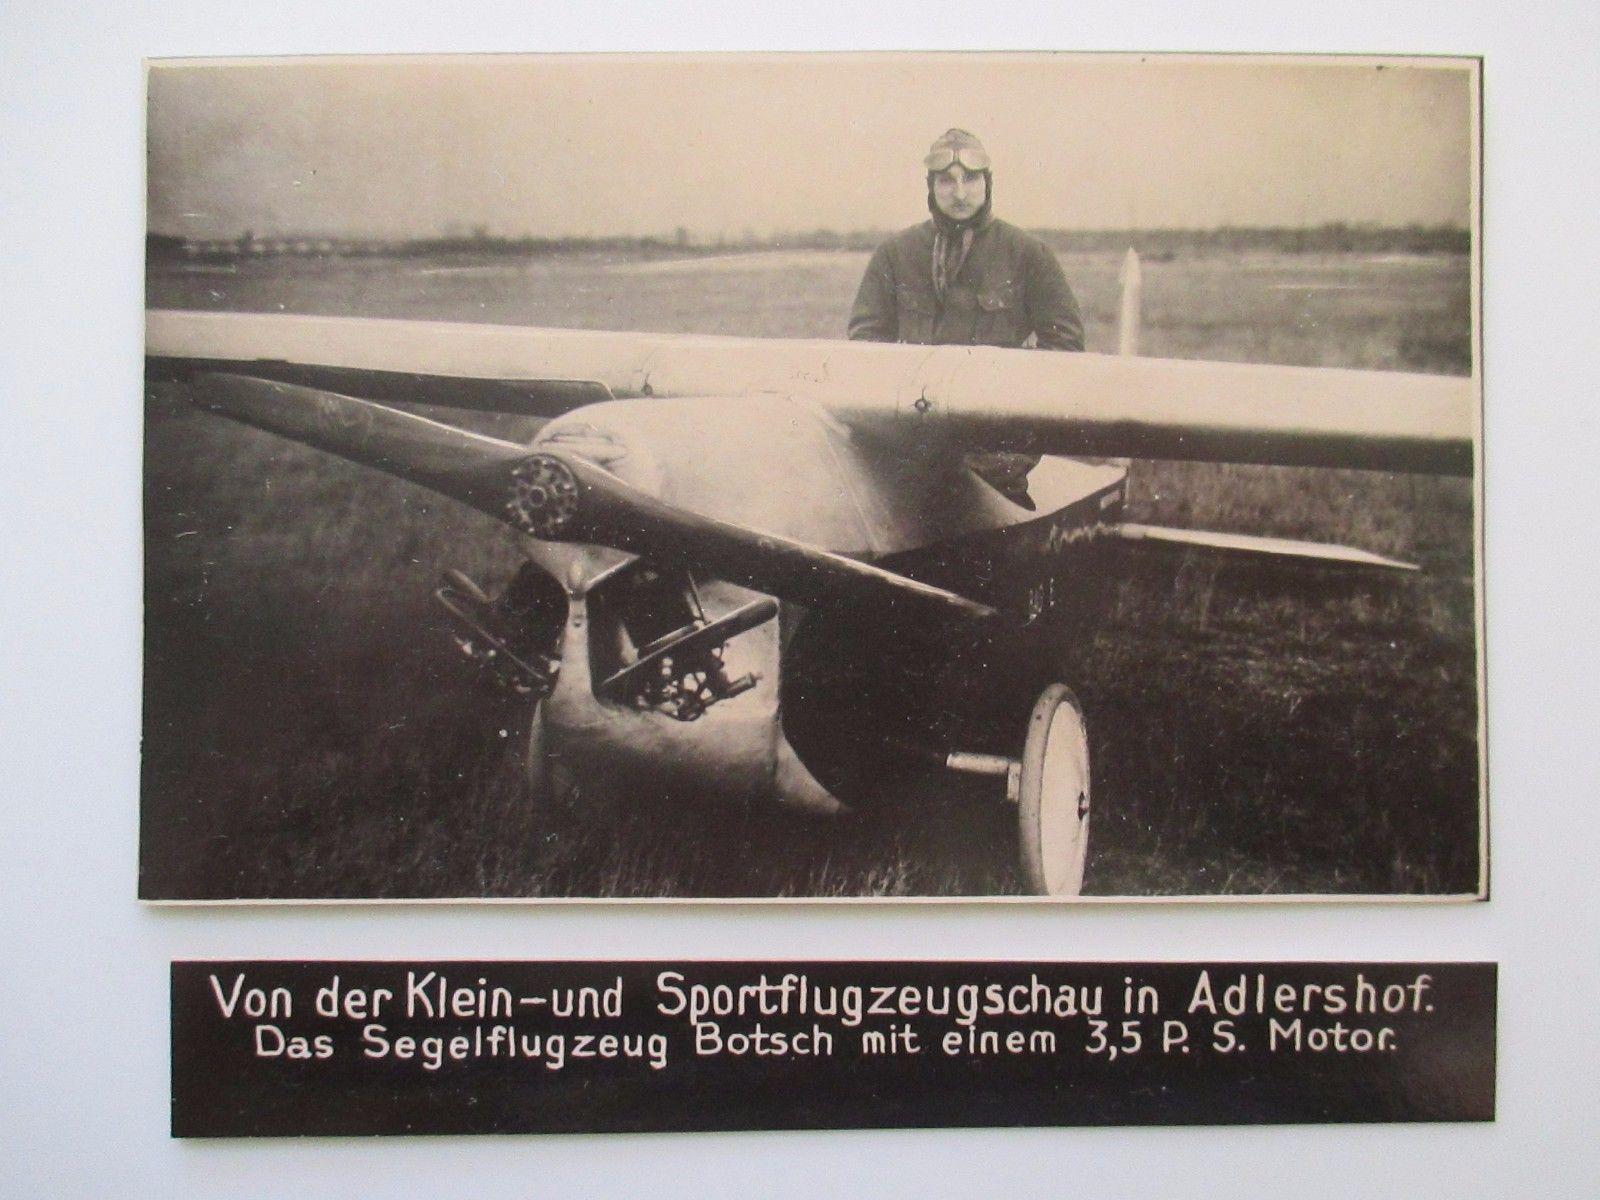 glider_DFS_08_Botsch with 3.5 hp engine.JPG